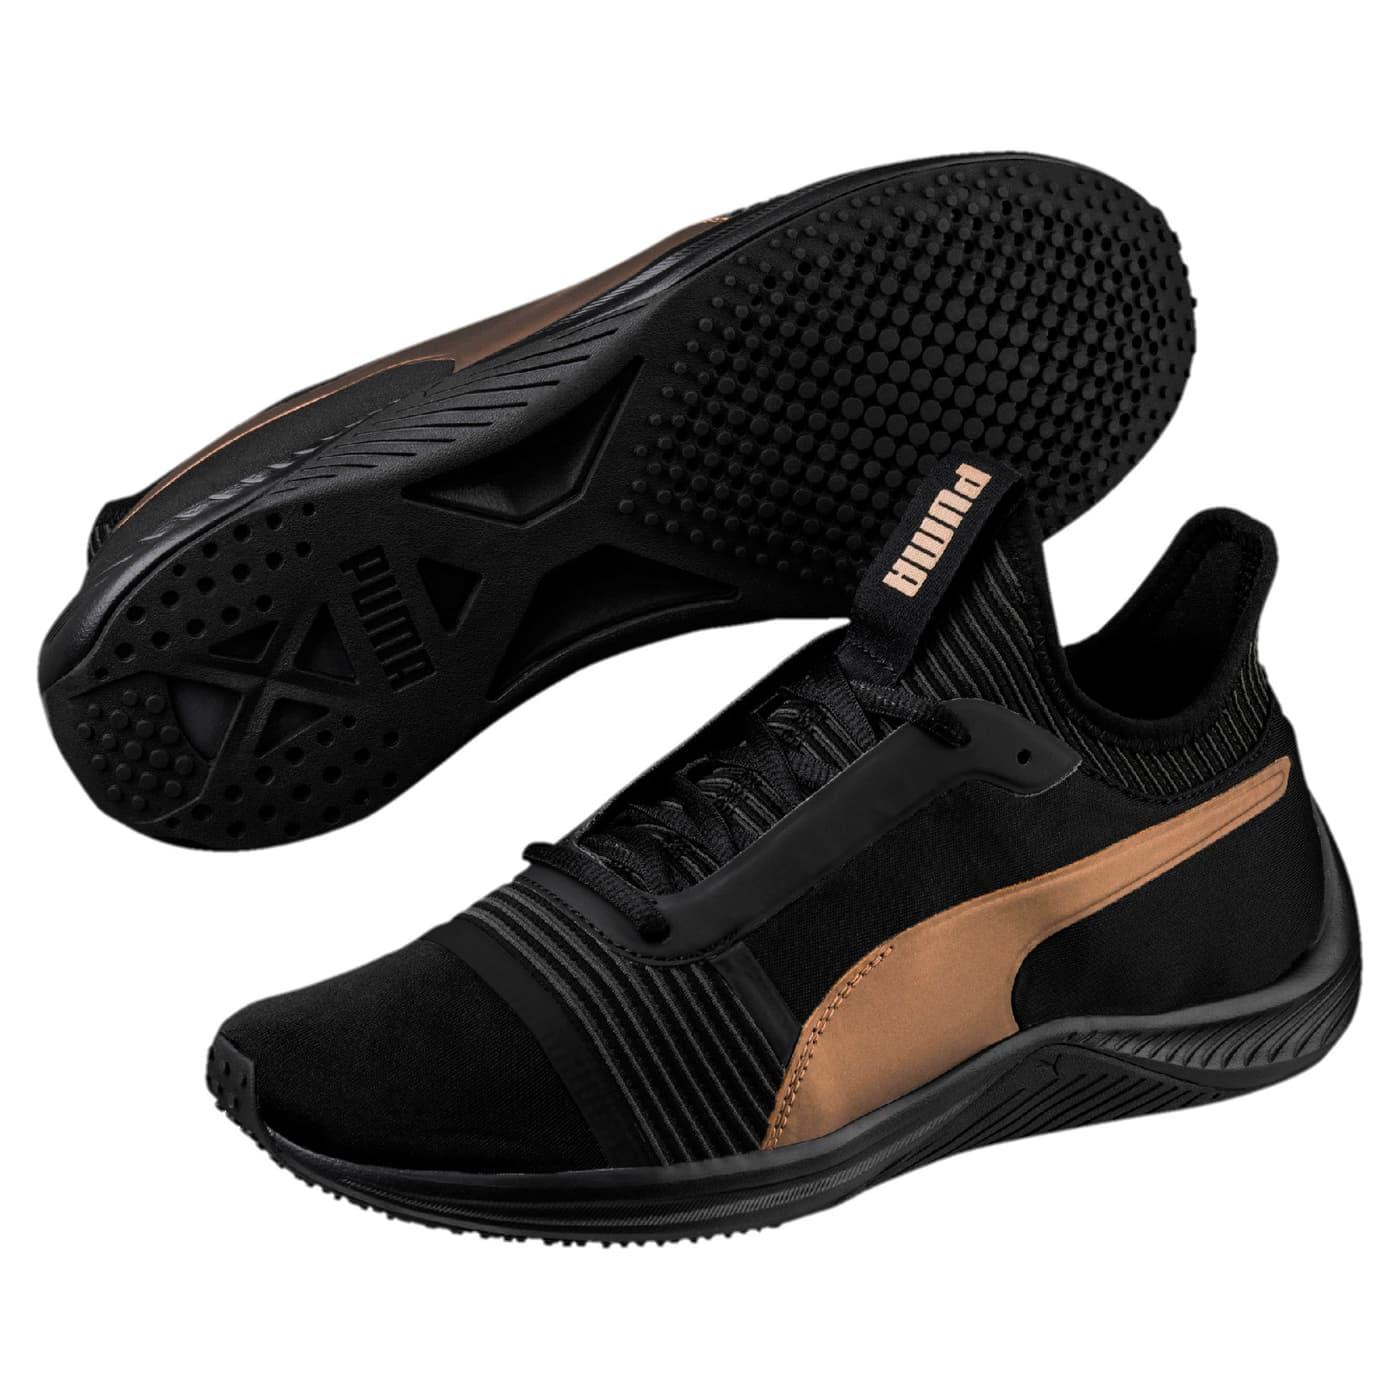 FemmeMigros Amp Xt De Puma Chaussures Fitness Pour Pnwk8N0OX